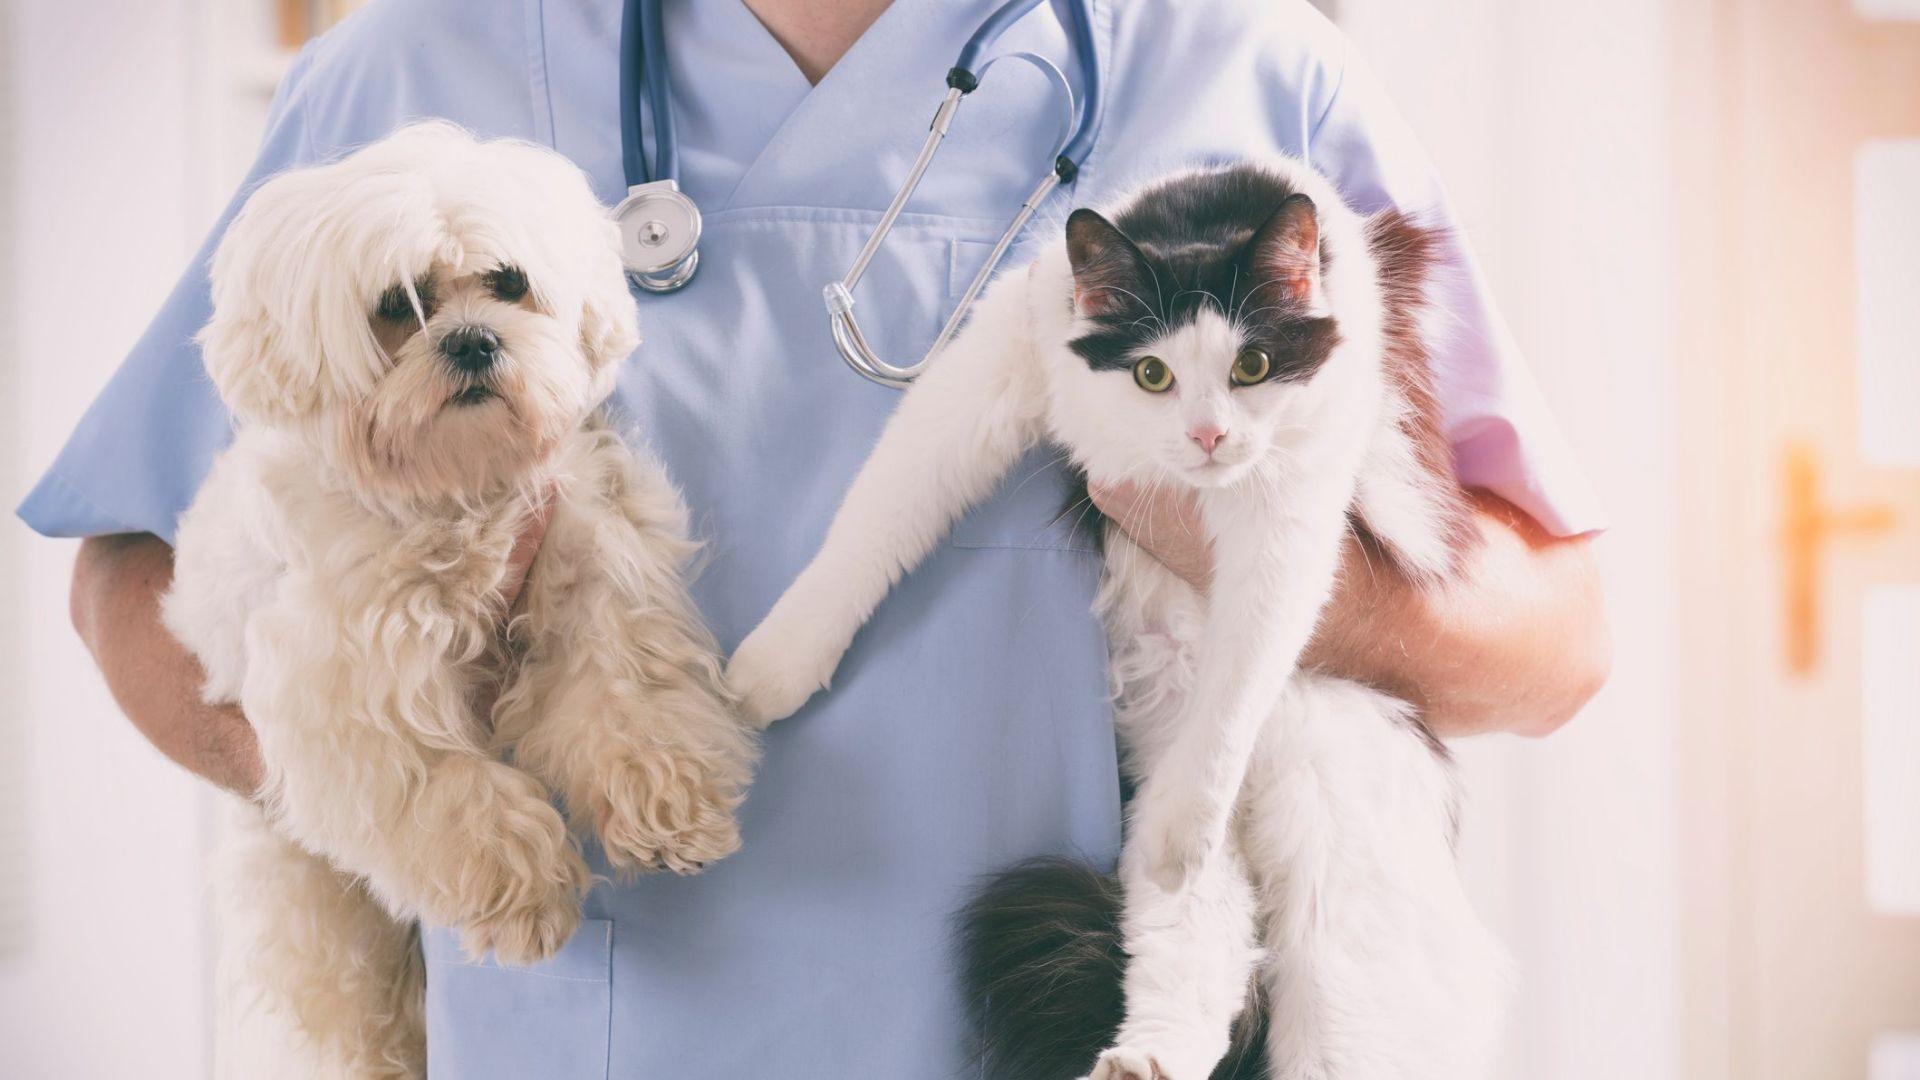 Laboratorios veterinarios en Málaga